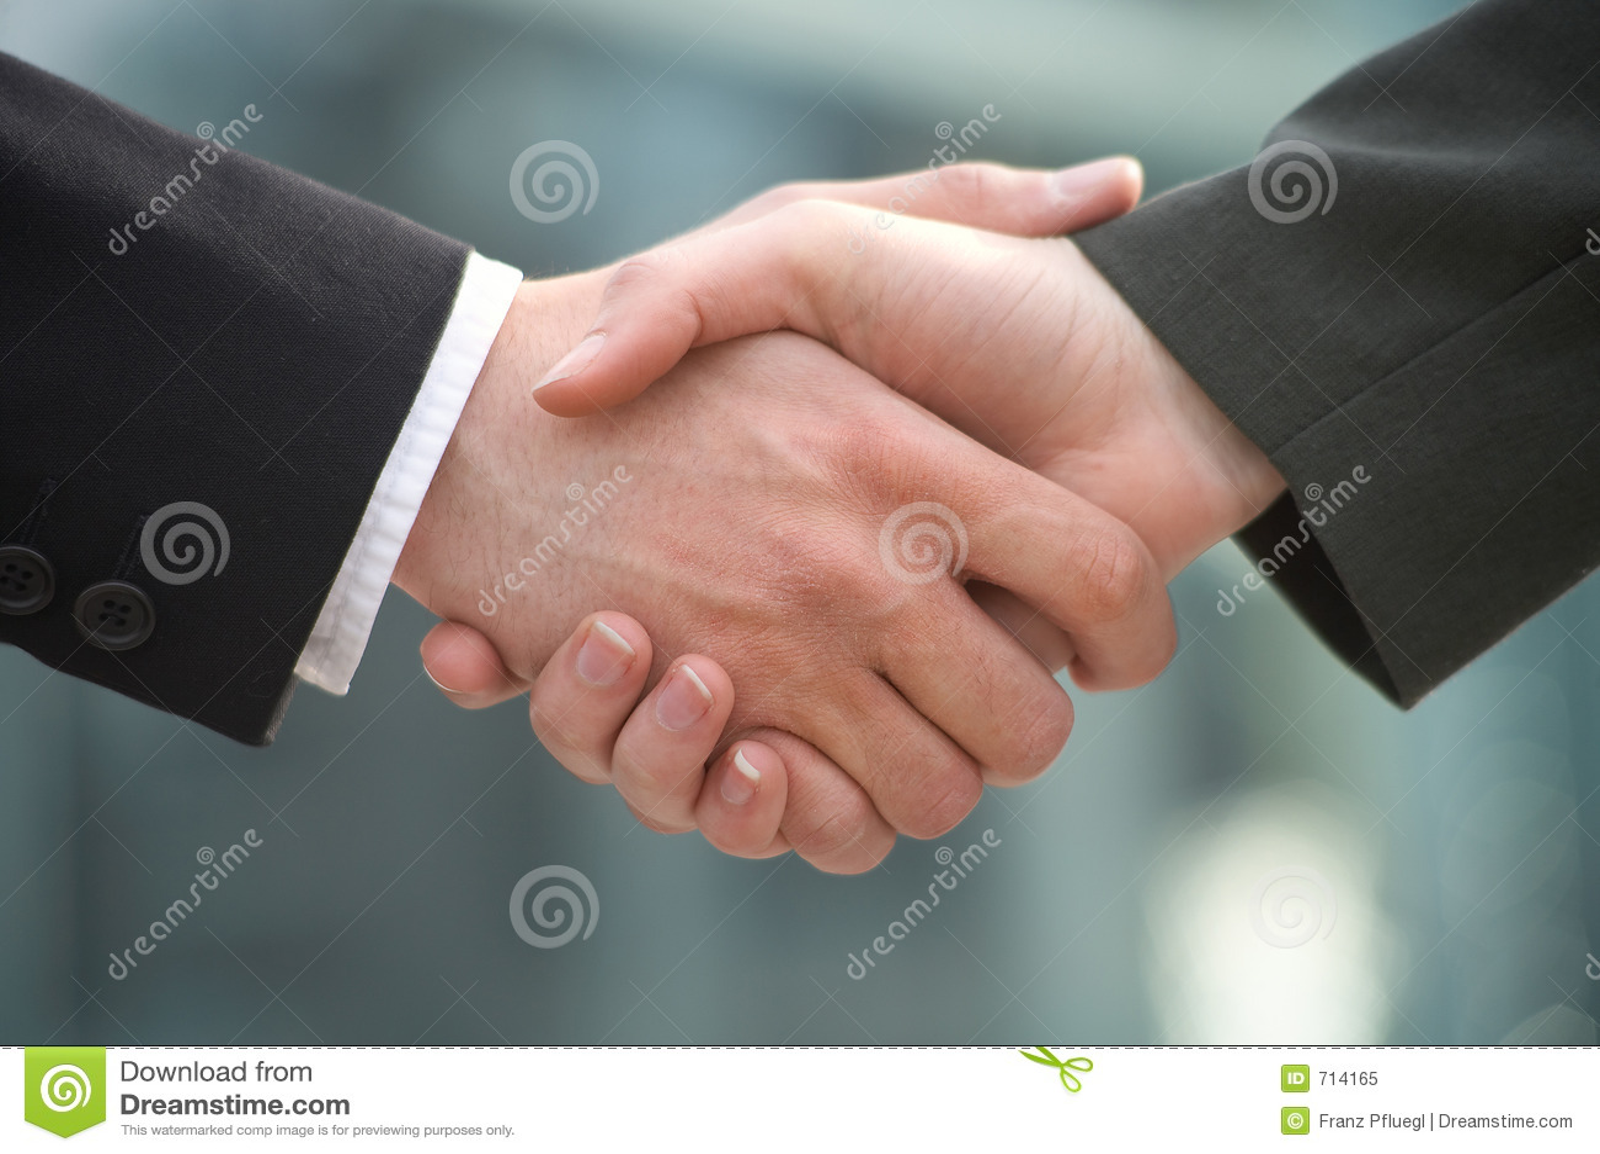 Sacudir-manos